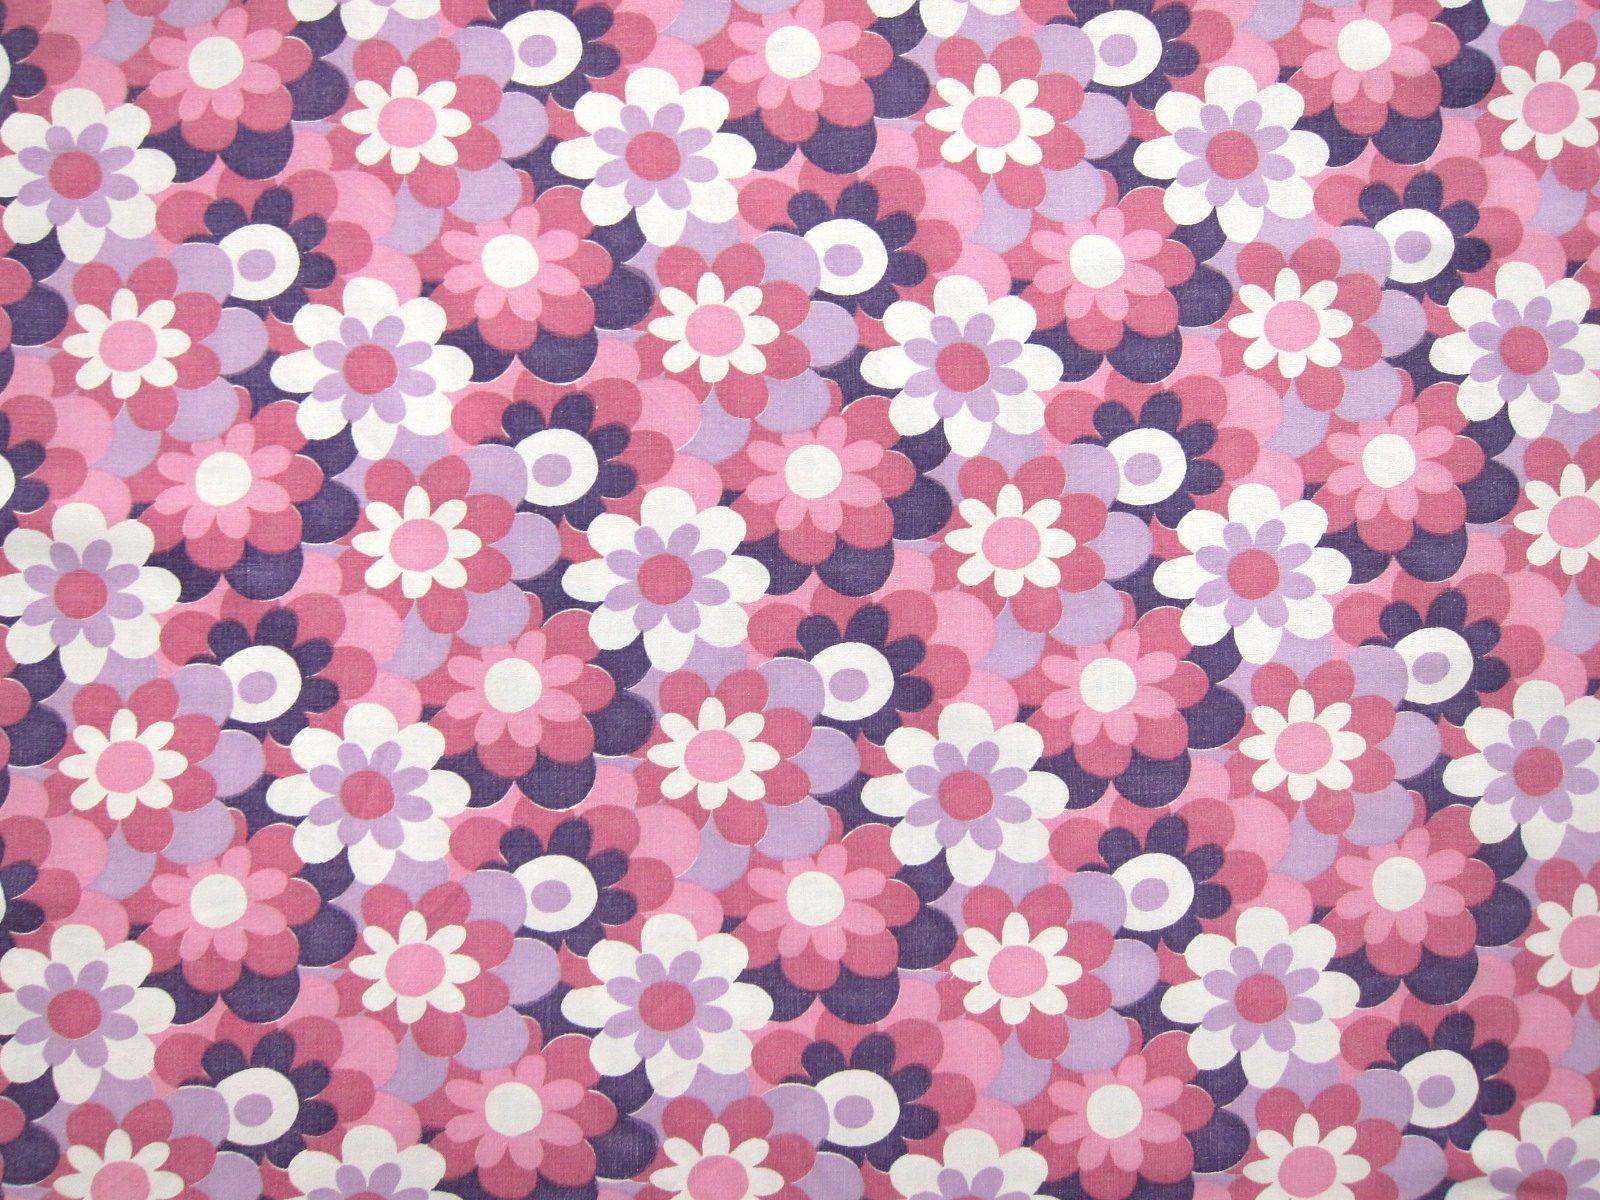 東欧レトロ ピンクと紫のレトロ花柄パターン ヴィンテージ生地 幅128cm | Frau Vintage